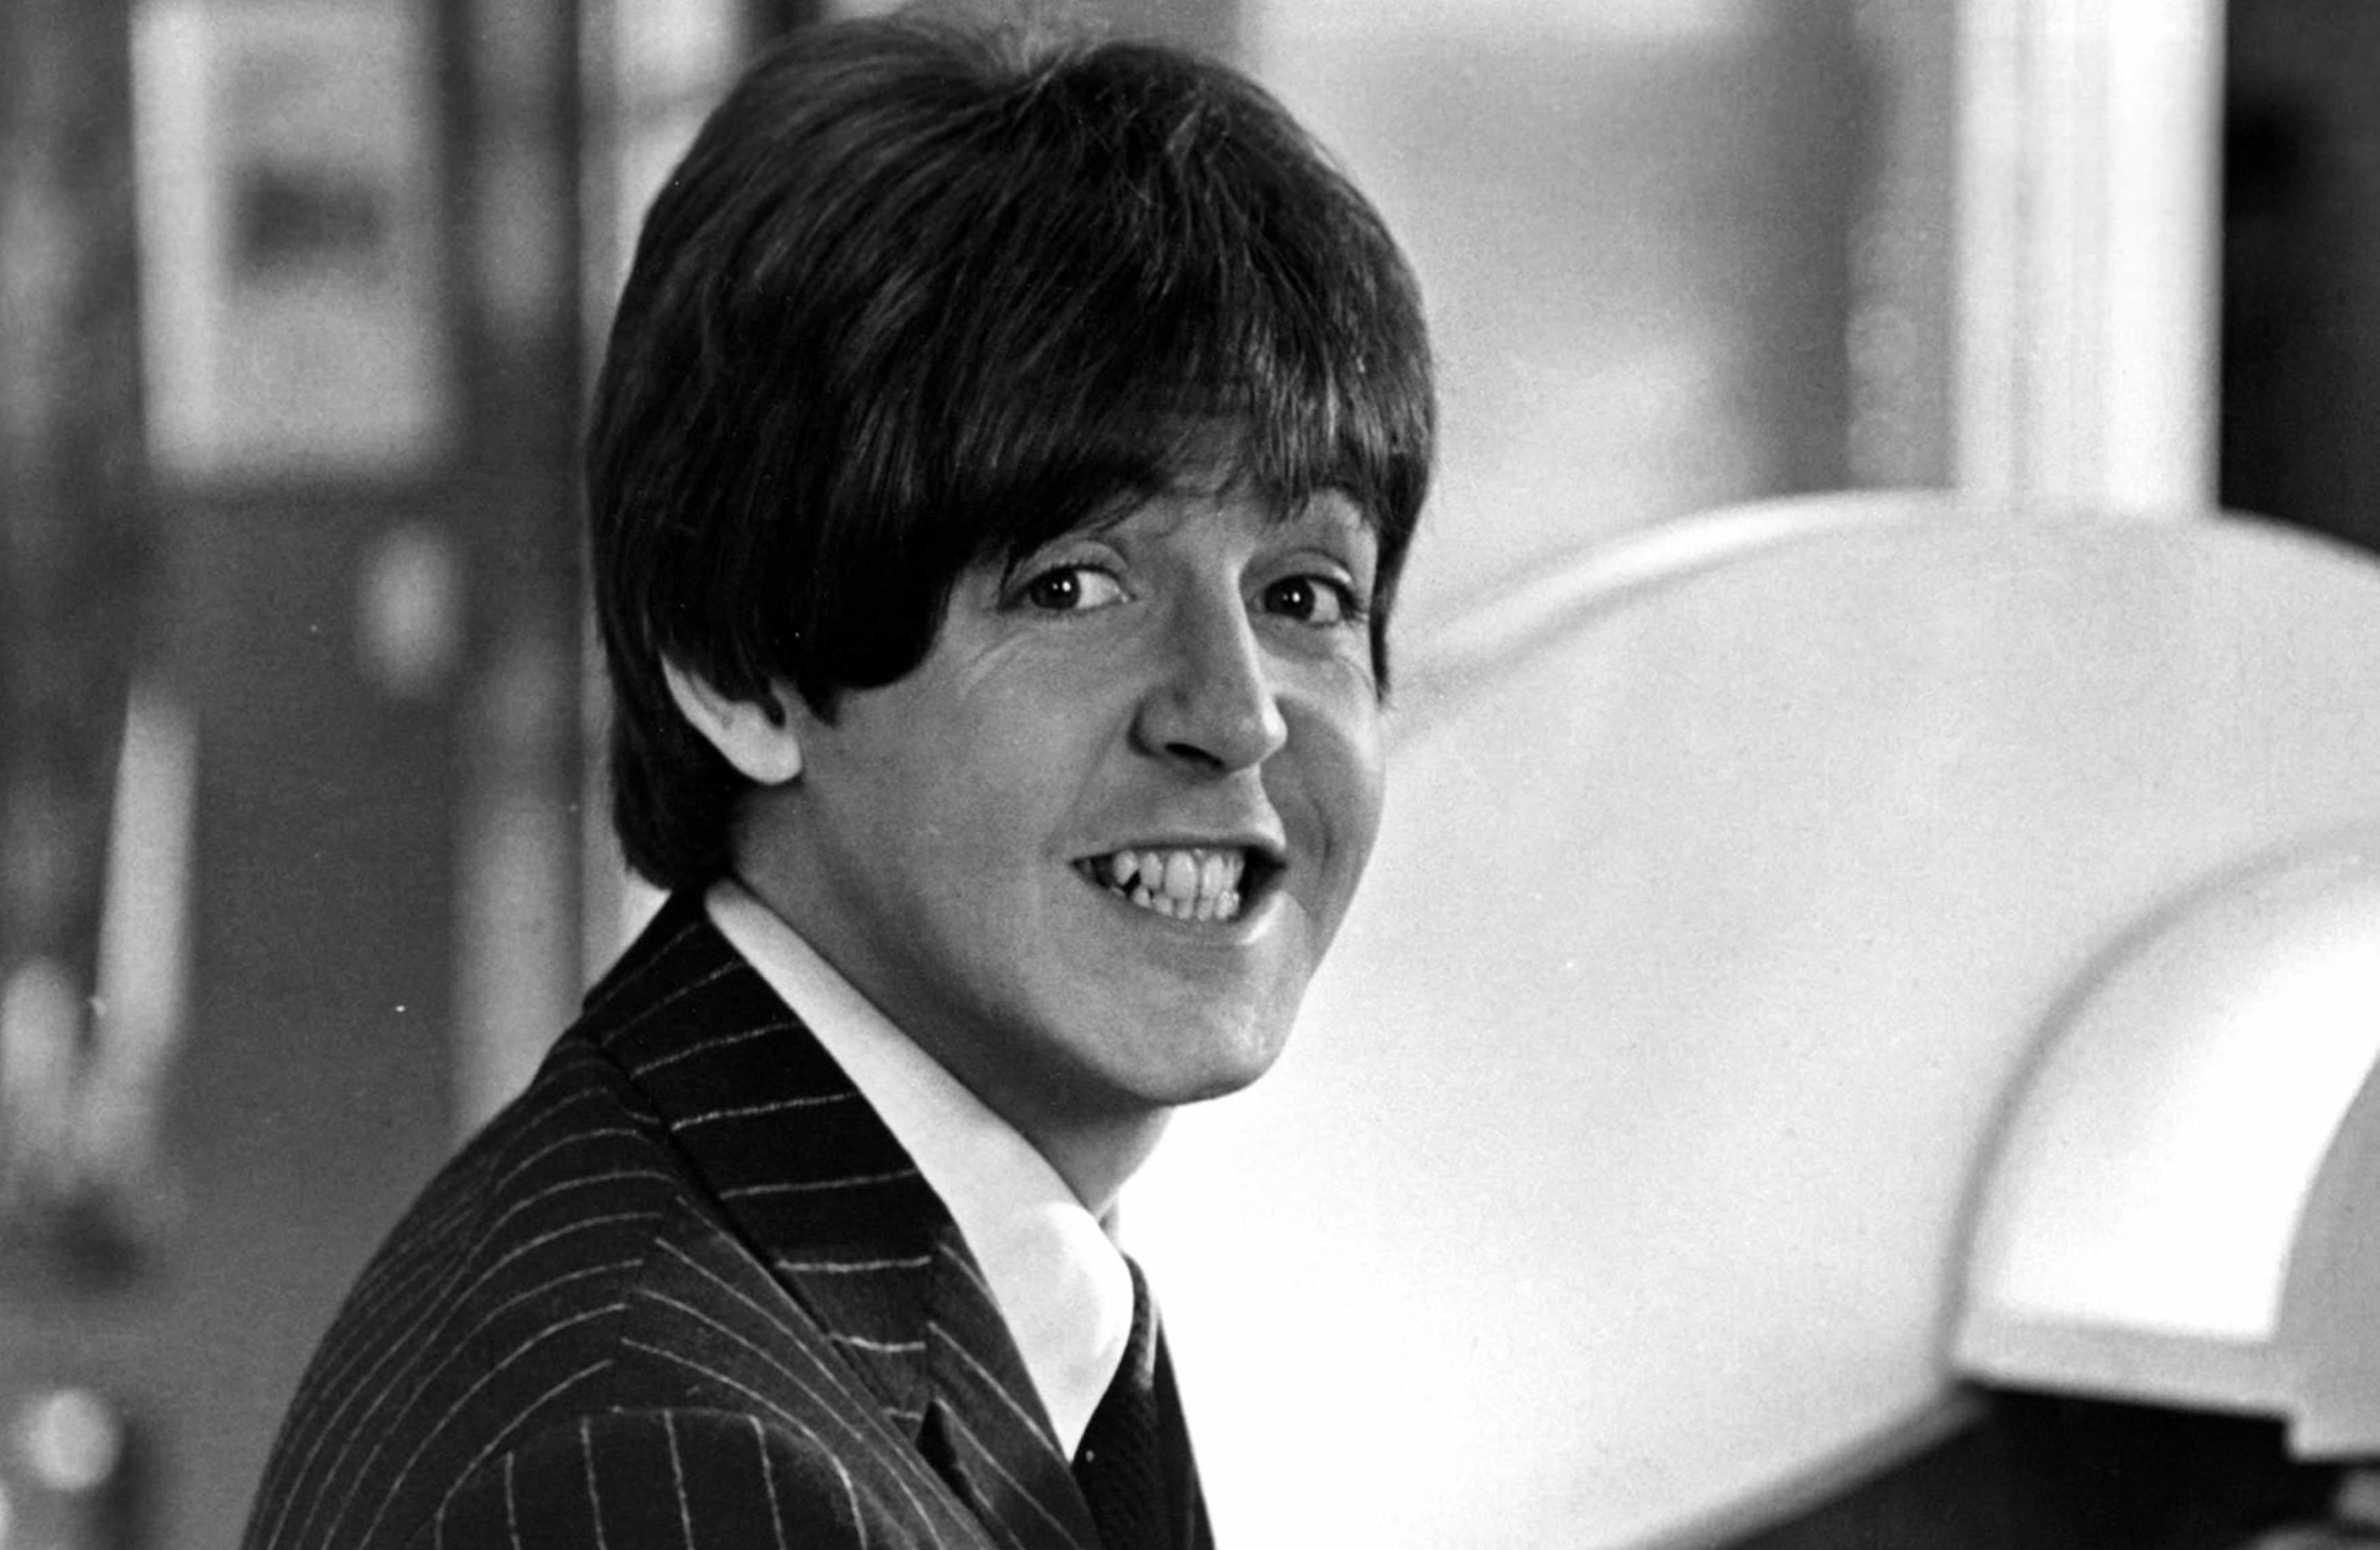 زندگی نامه «پل مککارتنی» خواننده سابق گروه مشهور «بیتلز» منتشر میشود